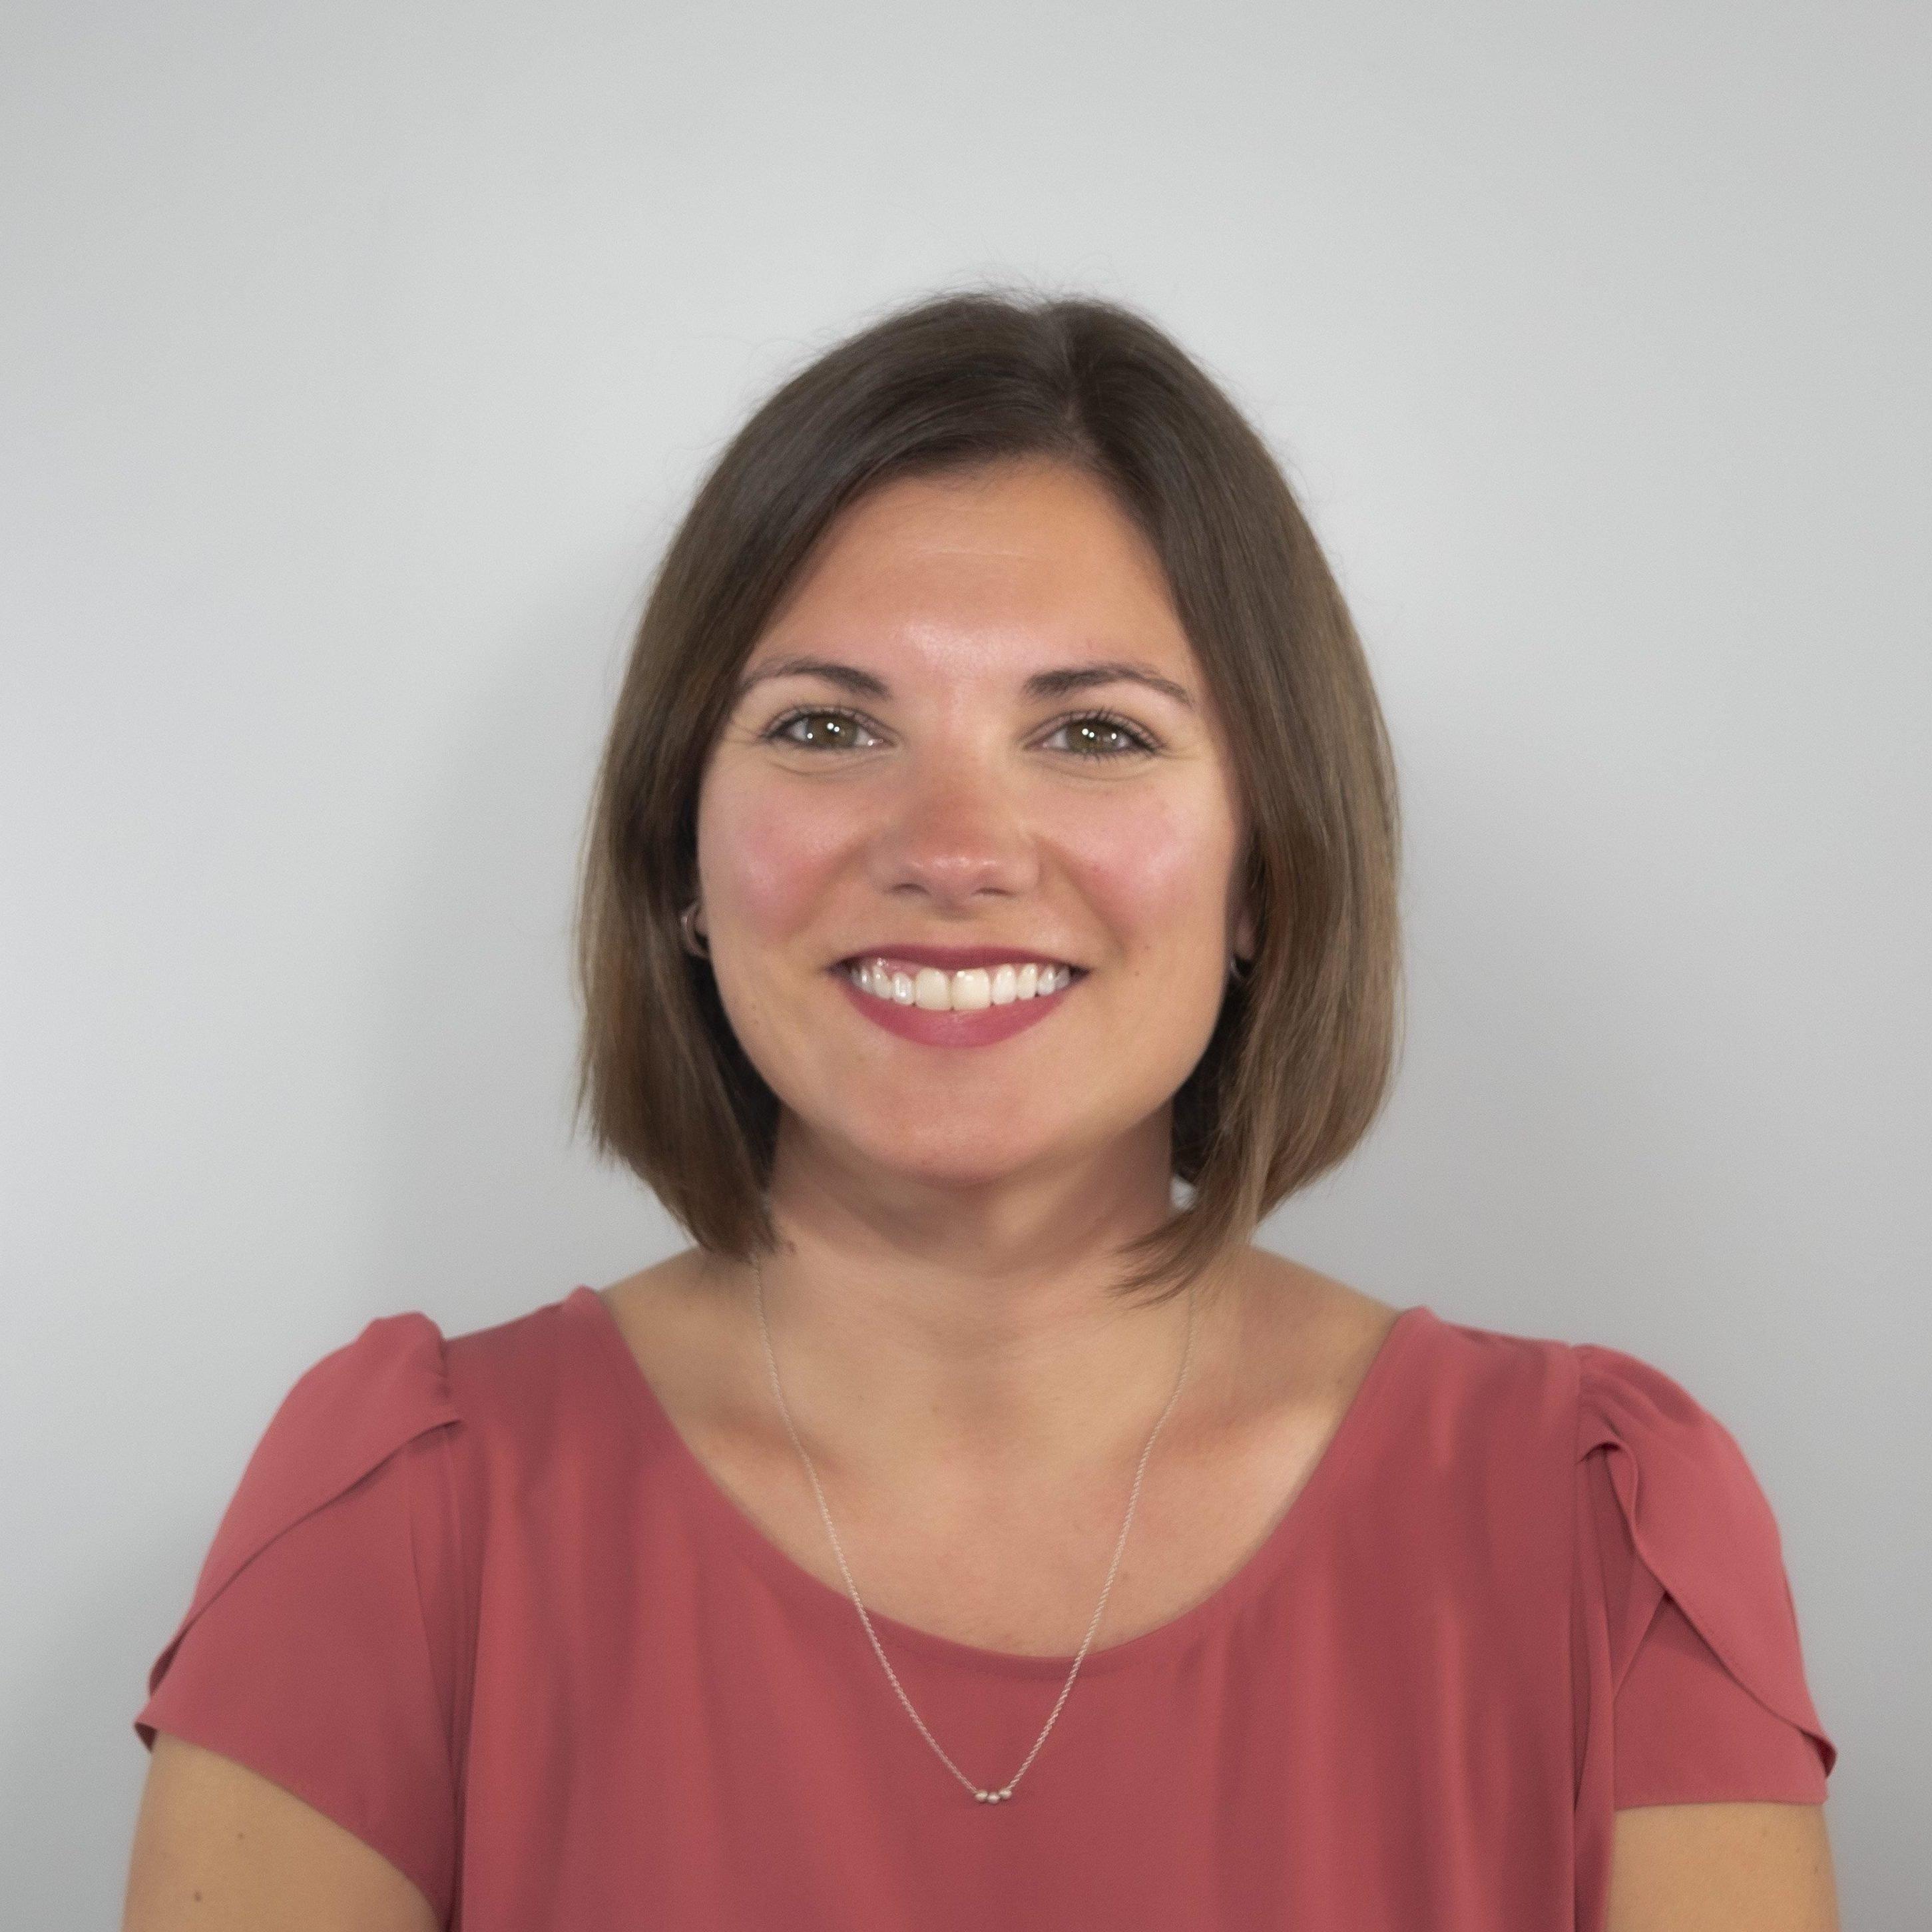 Tara Keller